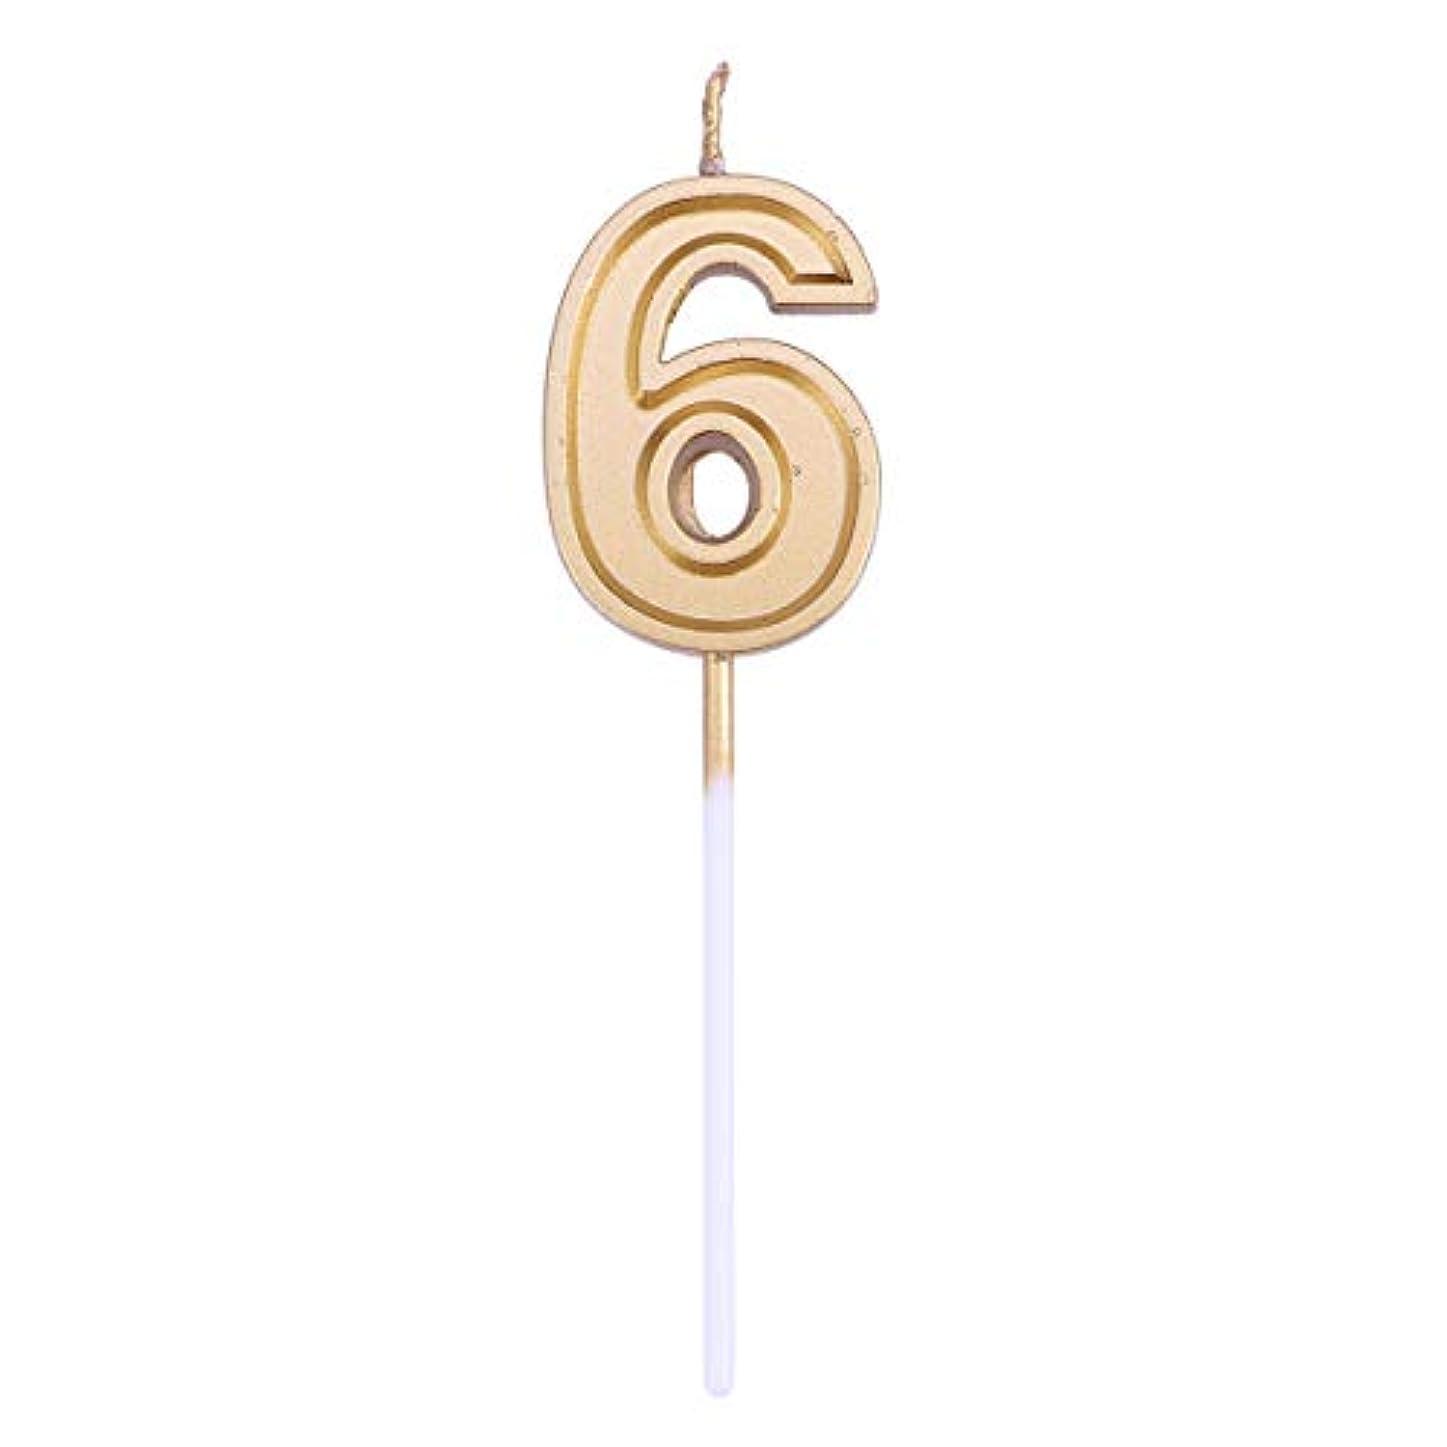 勧める同時まあToyvian ゴールドラメ誕生日おめでとう数字キャンドル番号キャンドルケーキトッパー装飾用大人キッズパーティー(番号6)